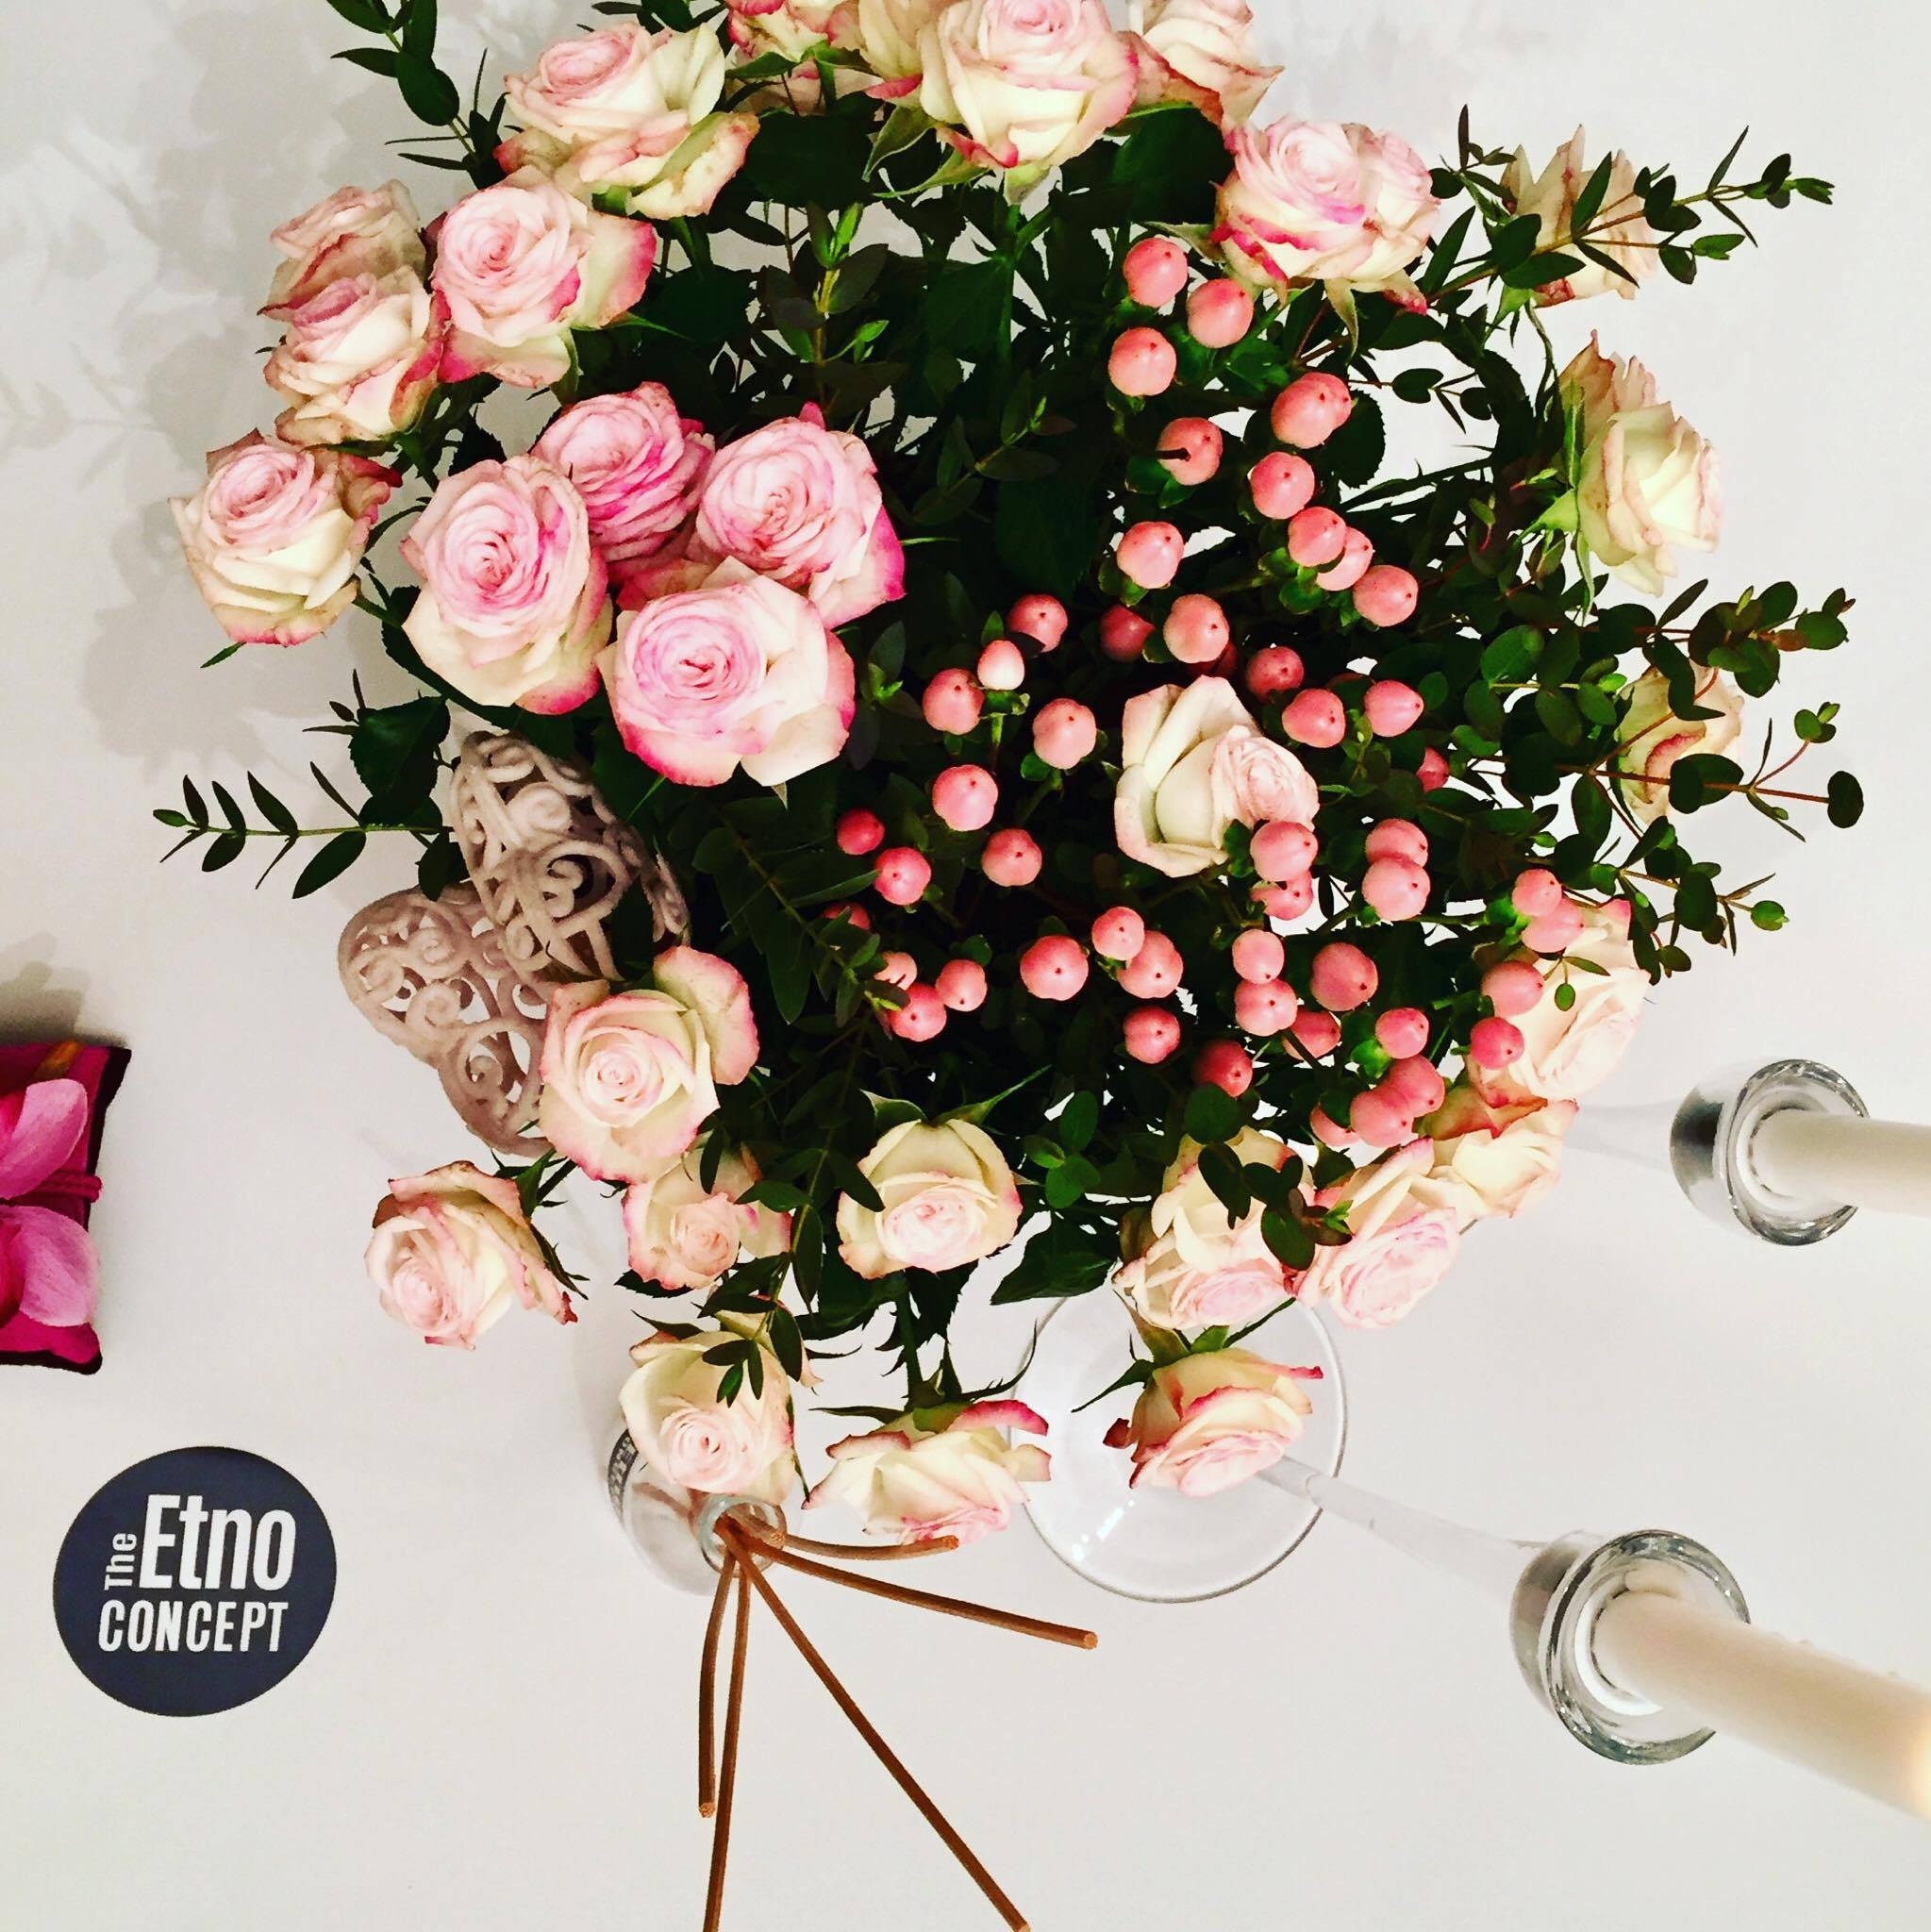 eac_flower3.jpg